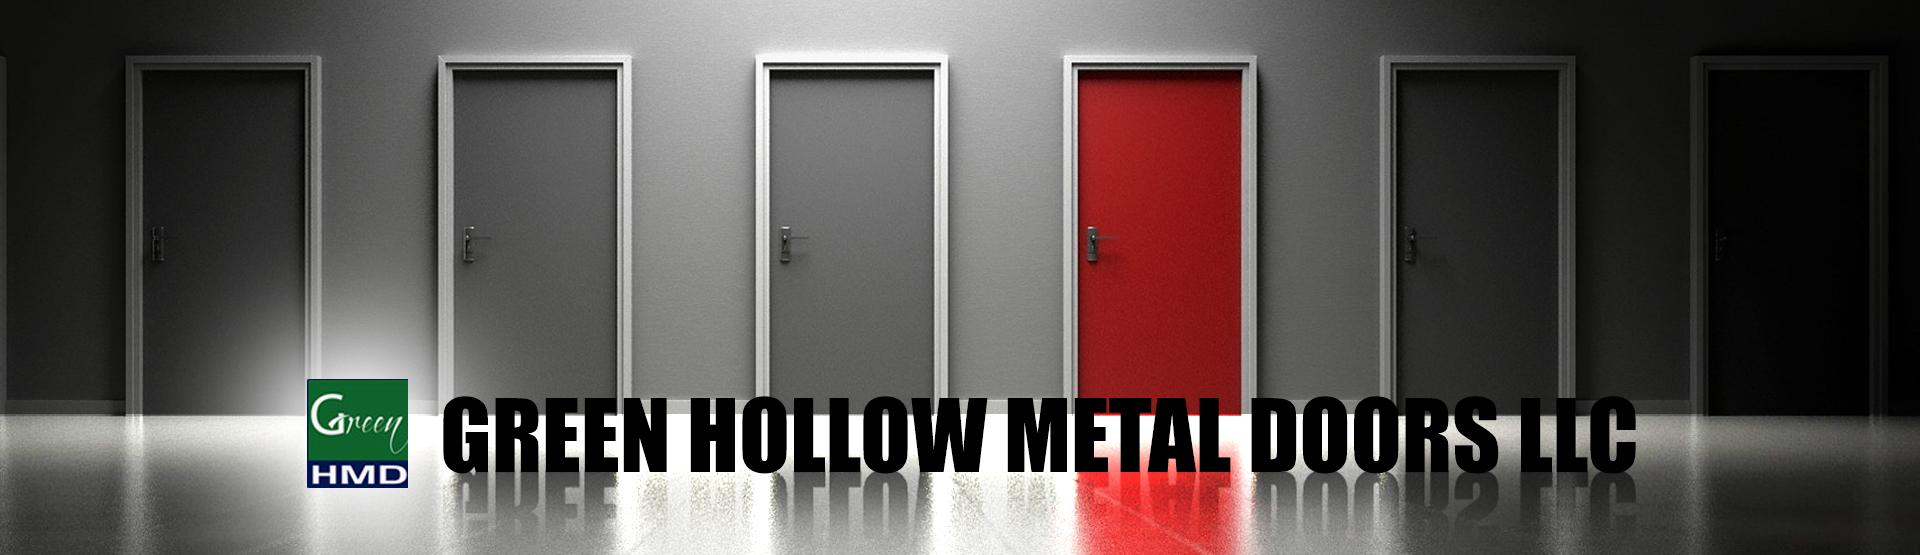 GREEN HOLLOW METAL DOORS LLC